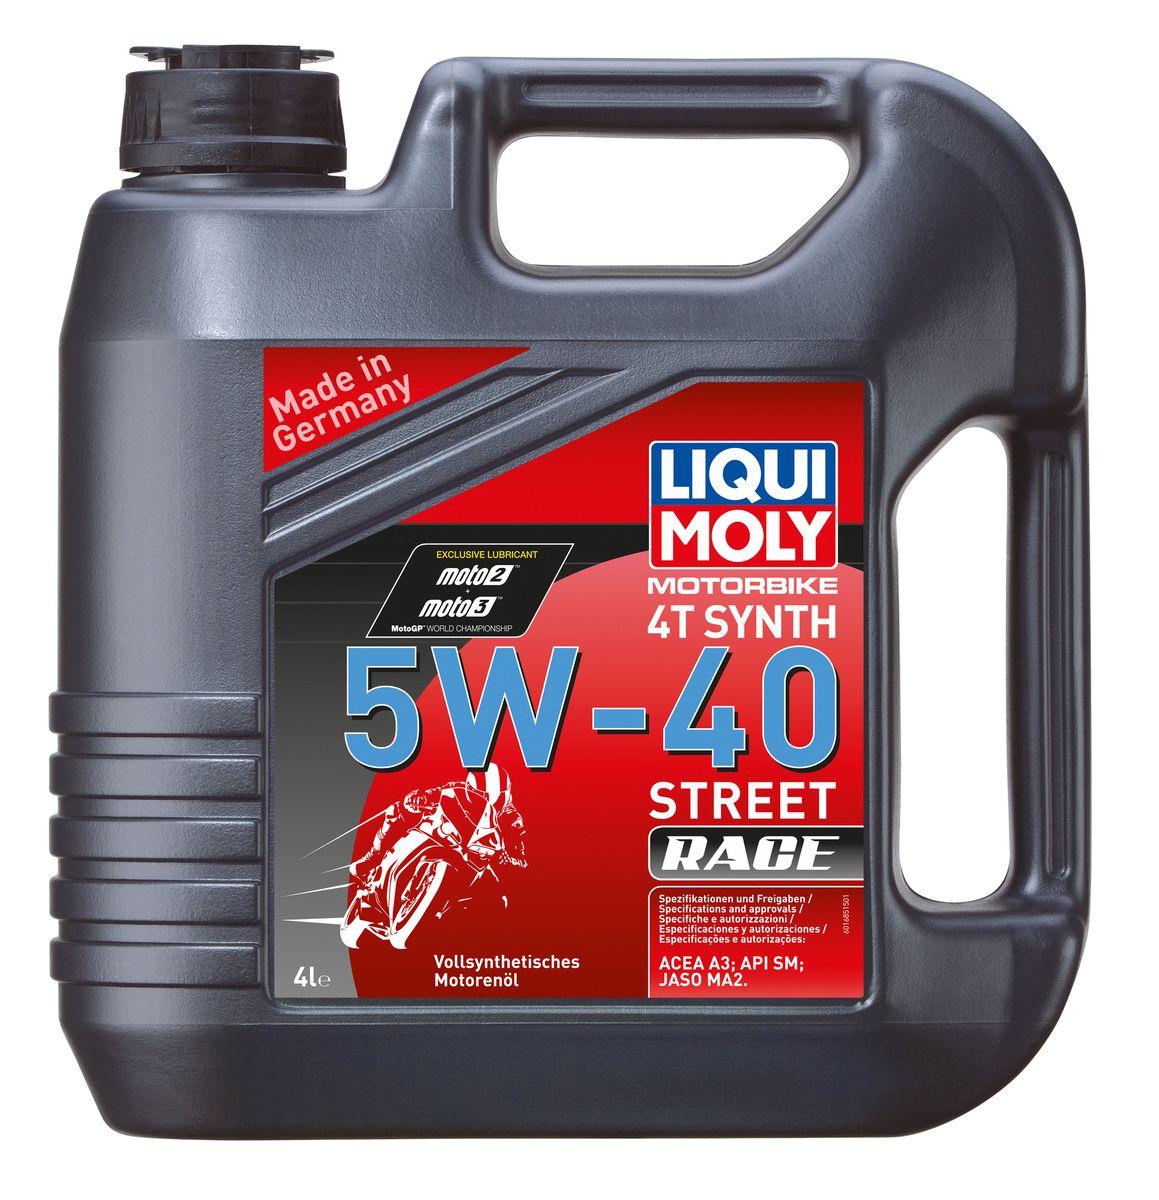 цена на Масло моторное Liqui Moly Motorbike 4T Synth Street Race, синтетическое, 5W-40, 4 л